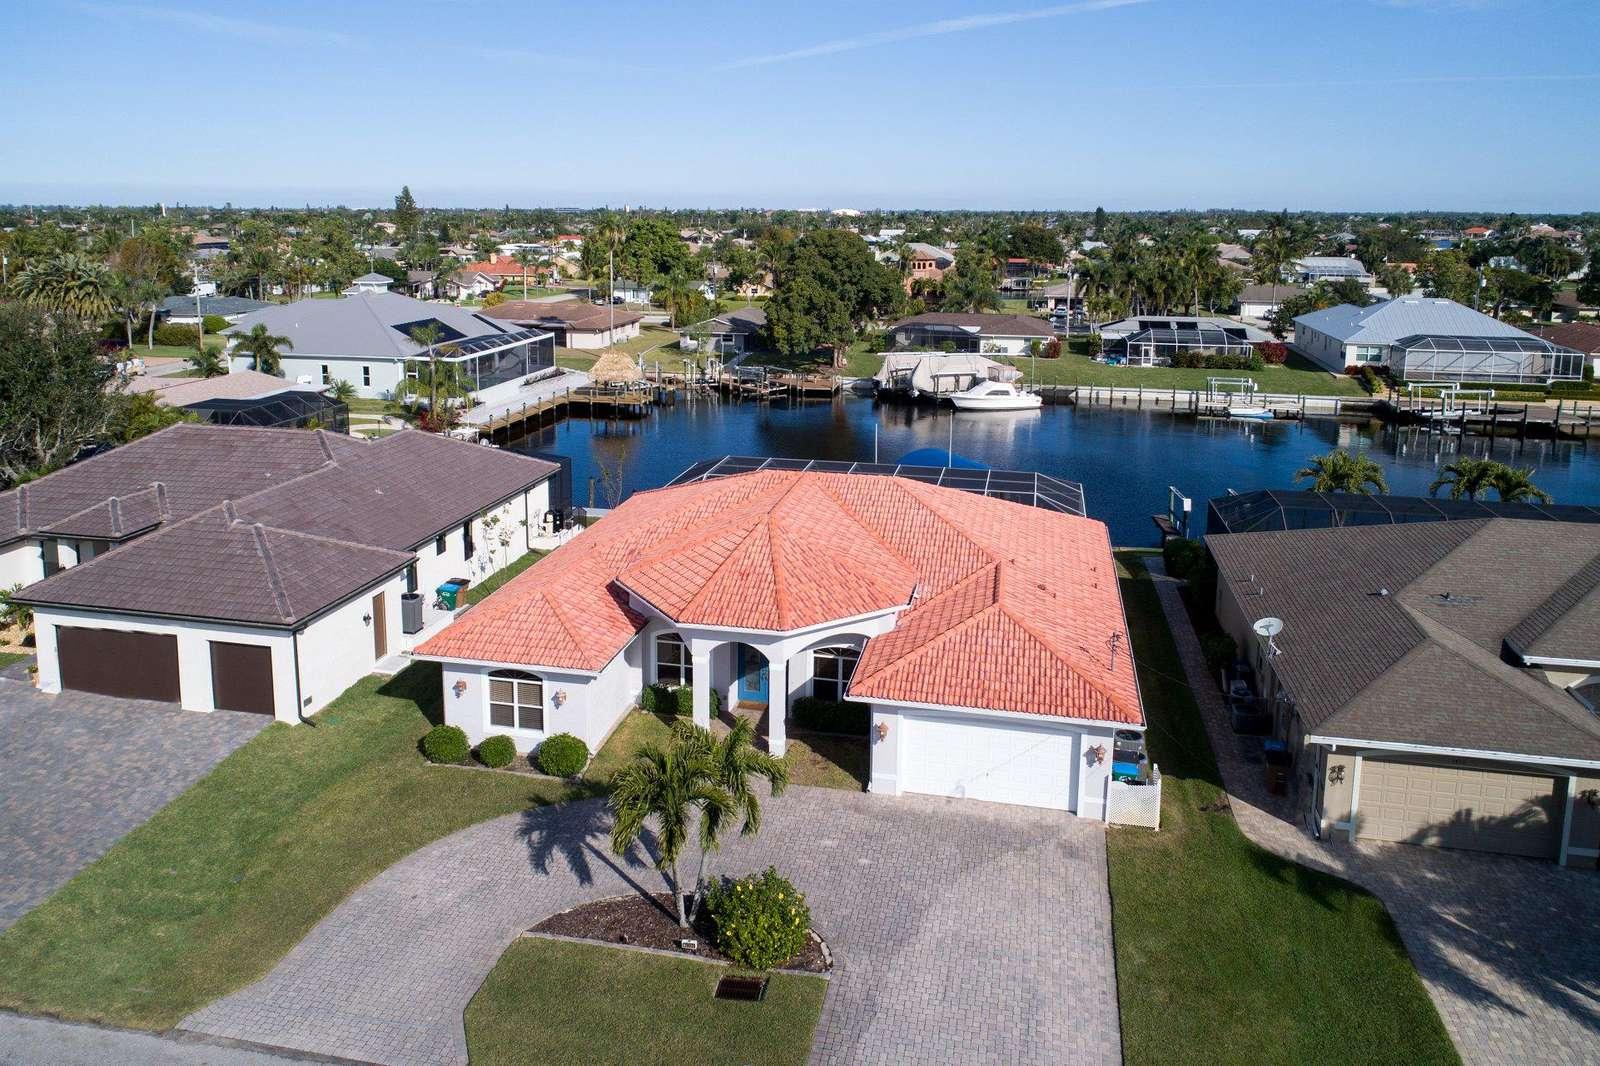 Wischis Florida Ferienhaus - Ocean Peral in Cape Coral